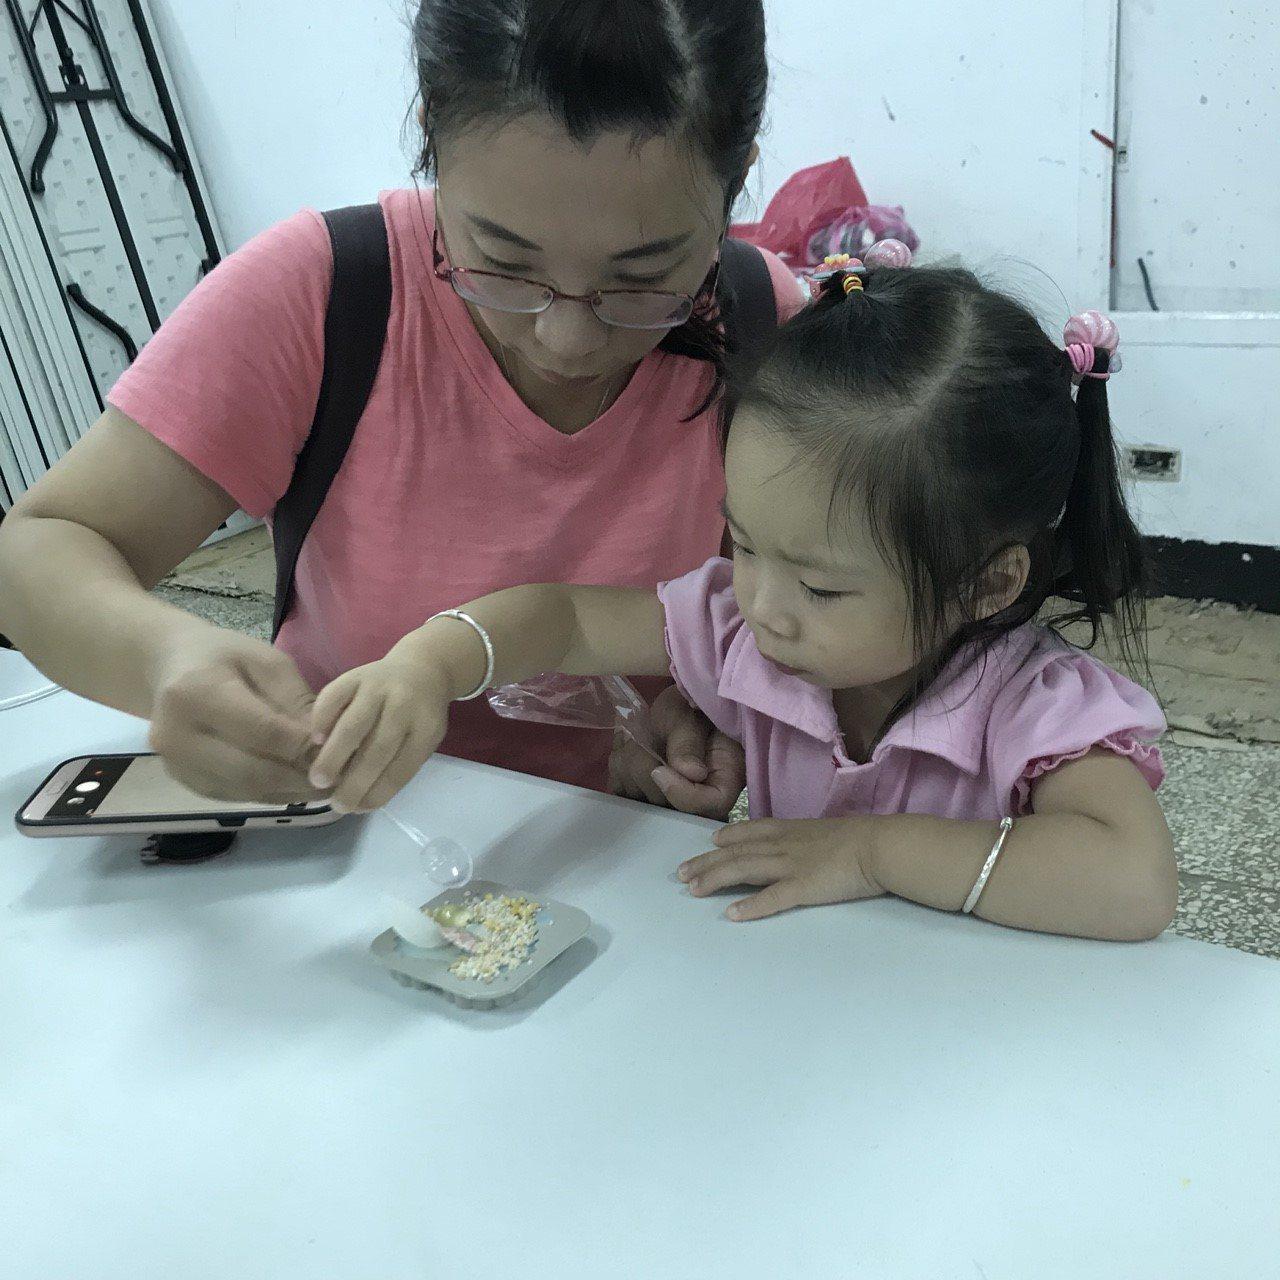 手作防蚊香磚親子講座課程,吸引不少親子報名參加。圖/張晉婷提供